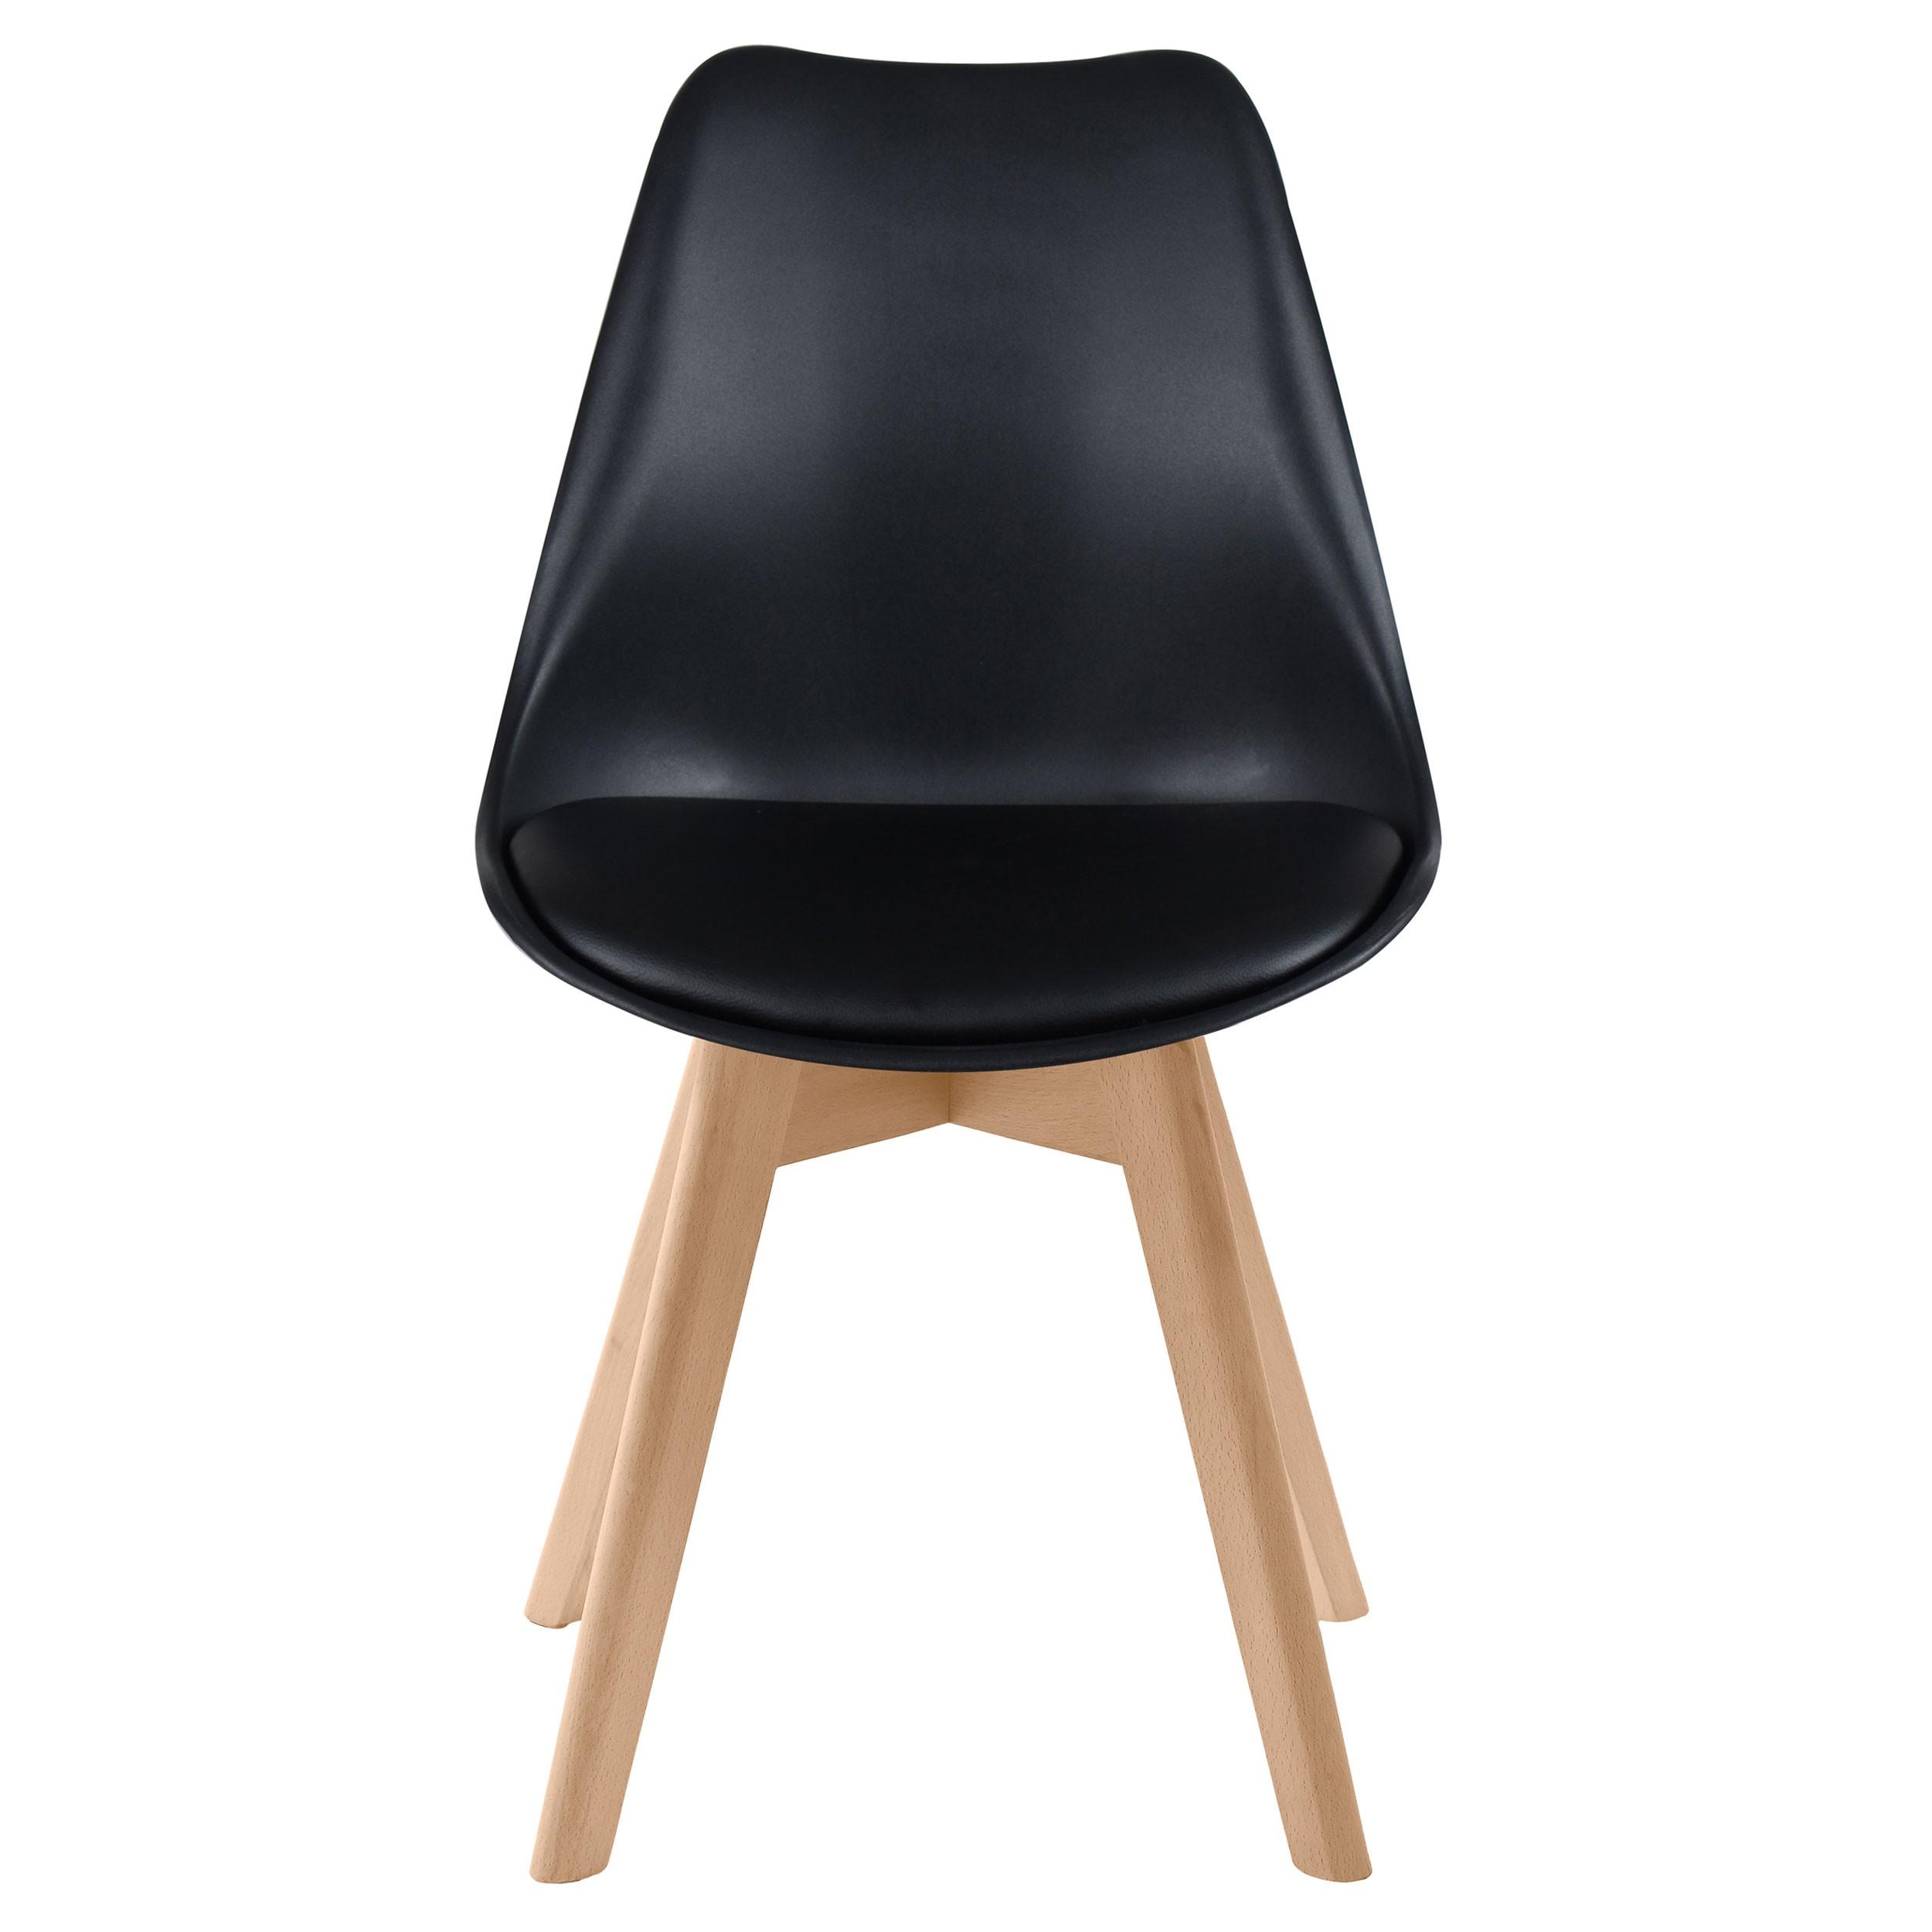 chaise skandi noire lot de 2 achetez nos chaises skandi noires lot de 2 prix r duit. Black Bedroom Furniture Sets. Home Design Ideas